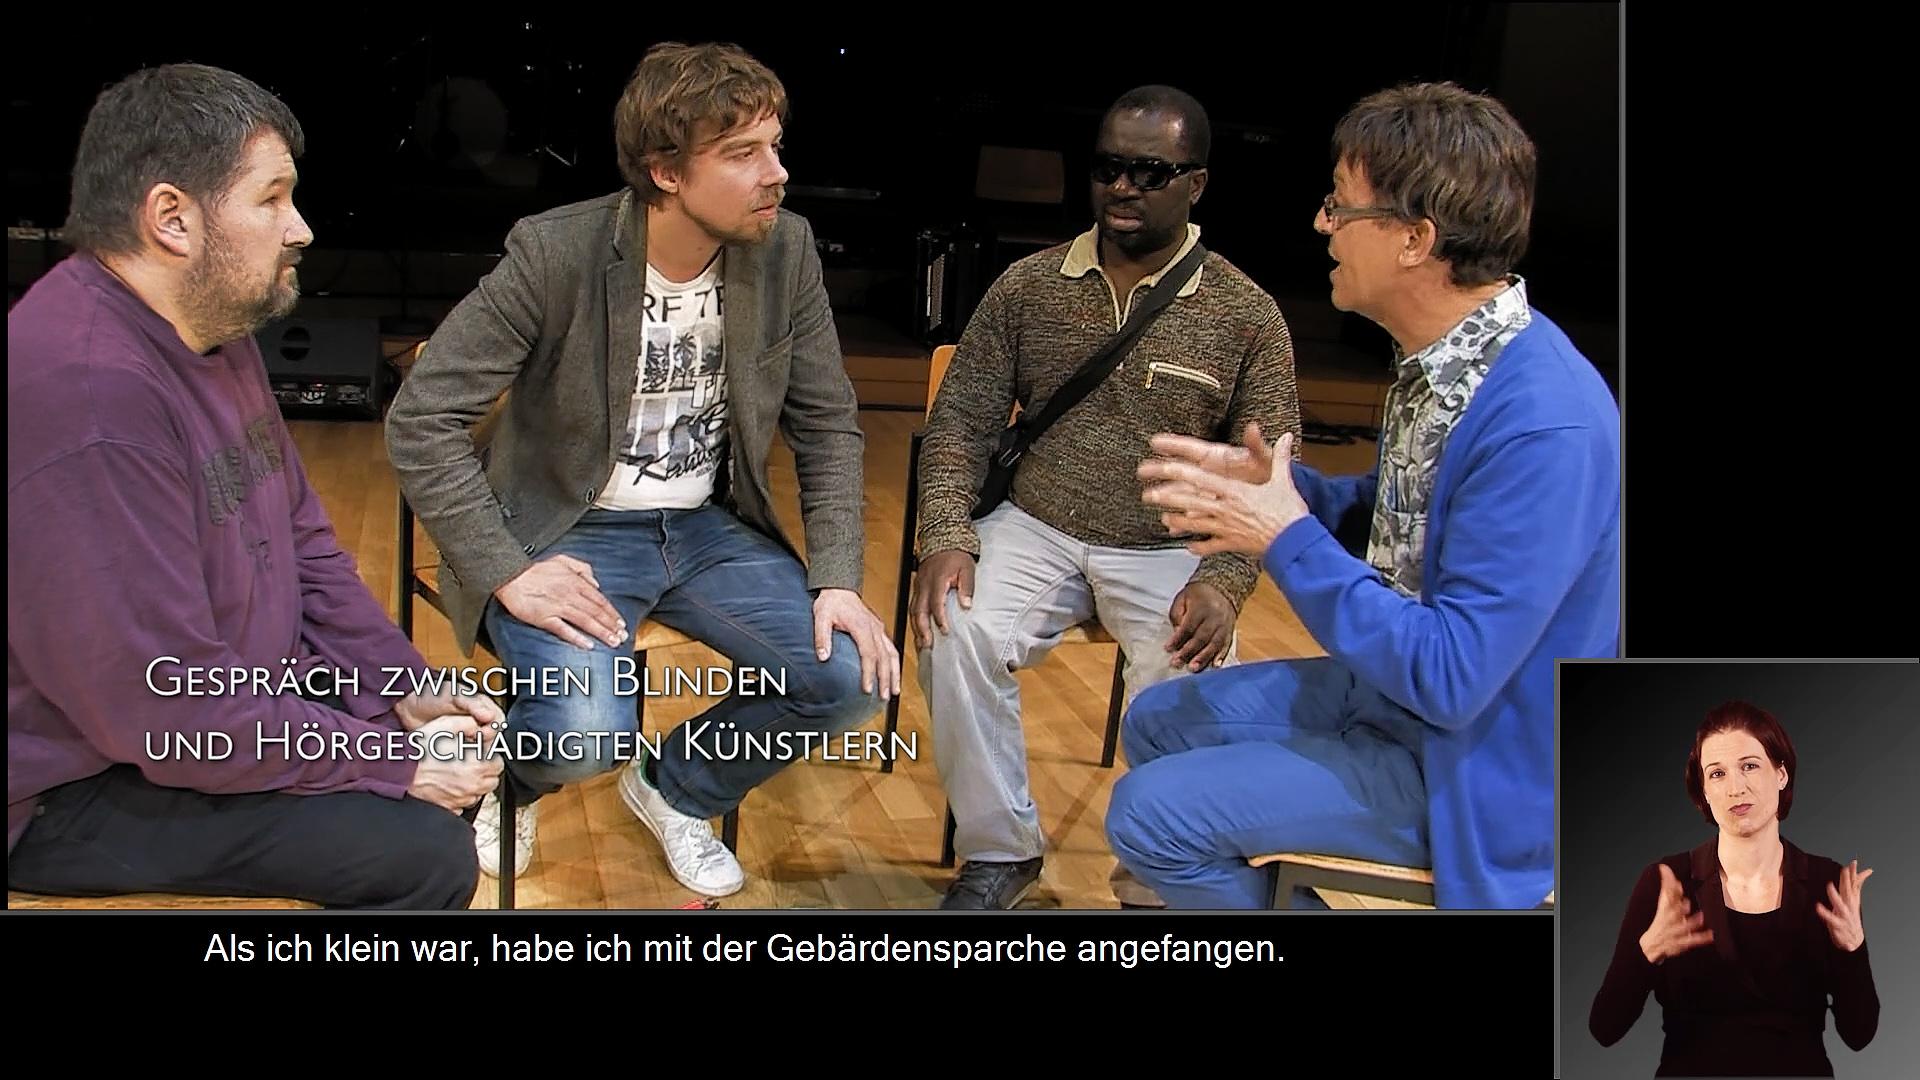 Gespräch zwischen blinden und hörgeschädigten Künstlern